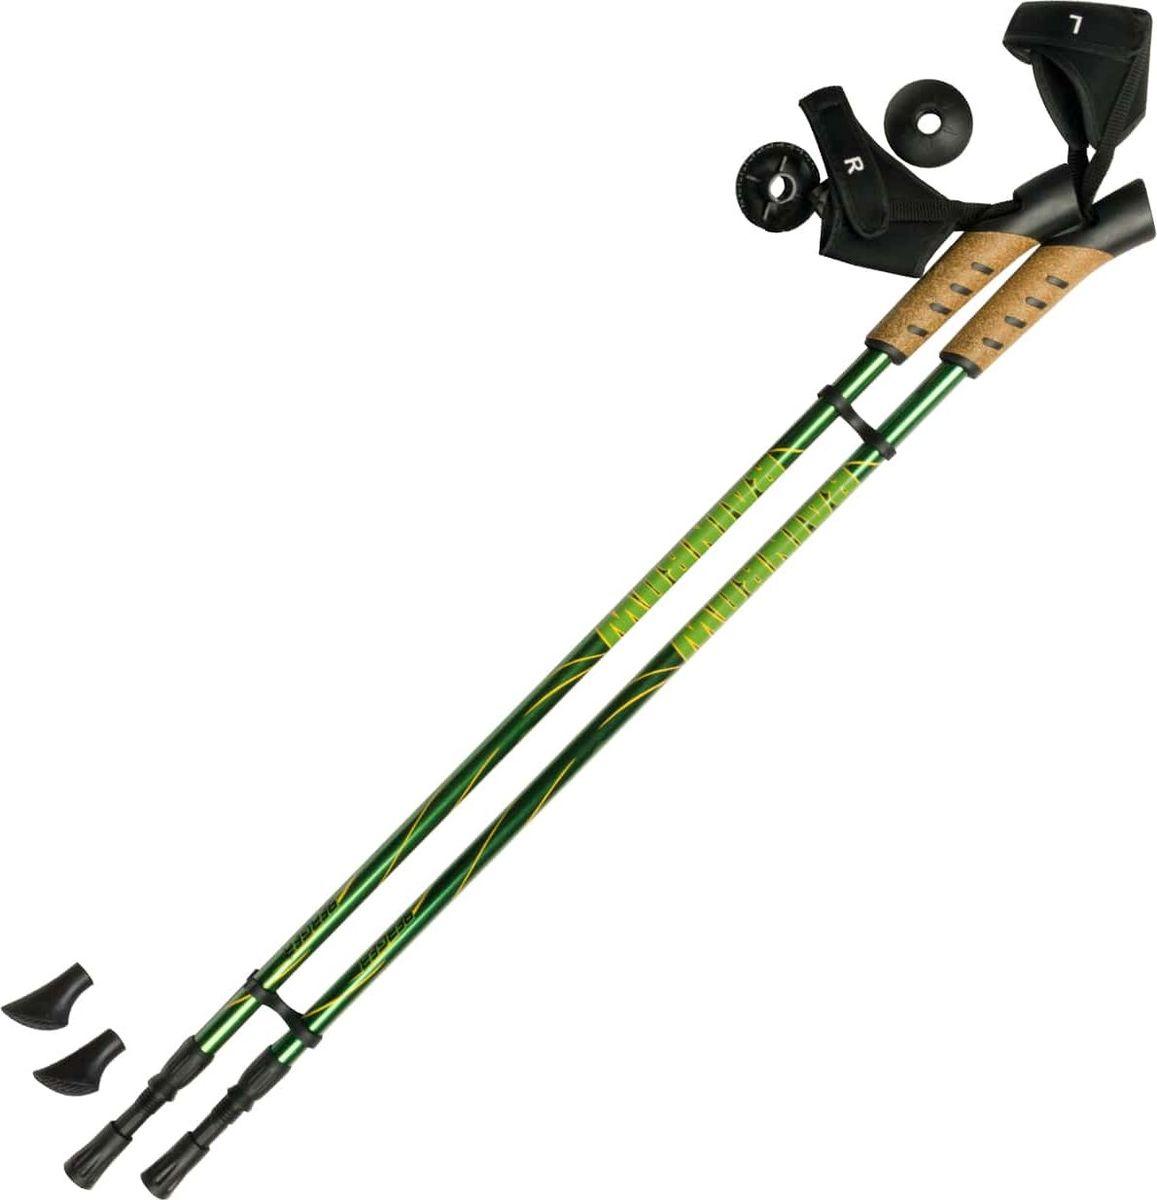 Палки для скандинавской ходьбы Berger Rainbow, двухсекционные, цвет: зеленый, желтый, 83-135 смУТ-00009611Палки для скандинавской ходьбы Rainbow - это 2-х секционные палки для занятий скандинавской ходьбой от бренда Berger, благодаря которым развиваются мышцы тела и тренируется выносливость. Основные характеристики: Назначение: для ходьбы по асфальту, земл